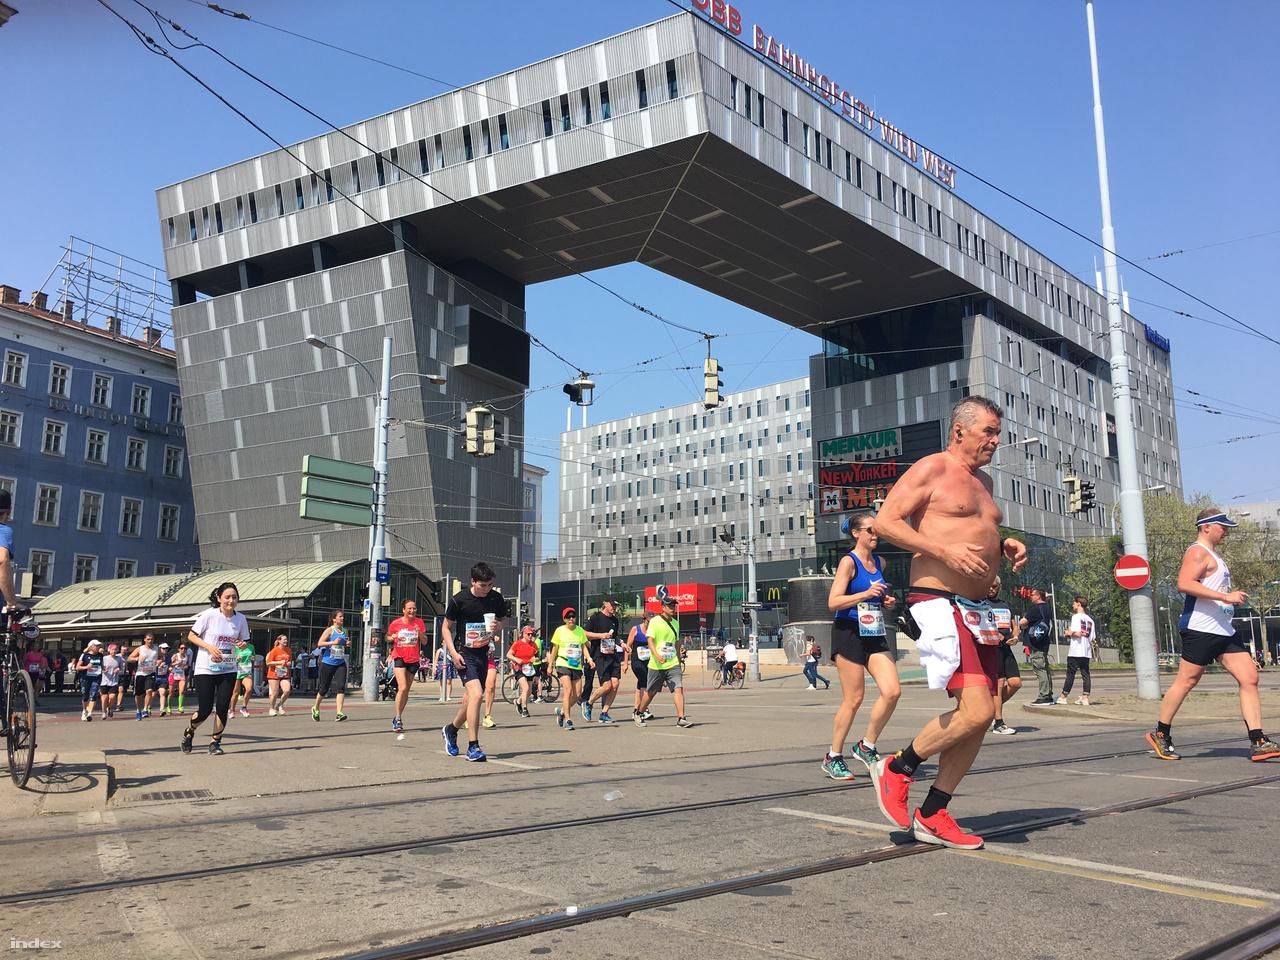 A Westbahnhof fura épületénél már sokan nekivetkőztek, és félmeztelenül kocogtak a 29 fokos hőségben.